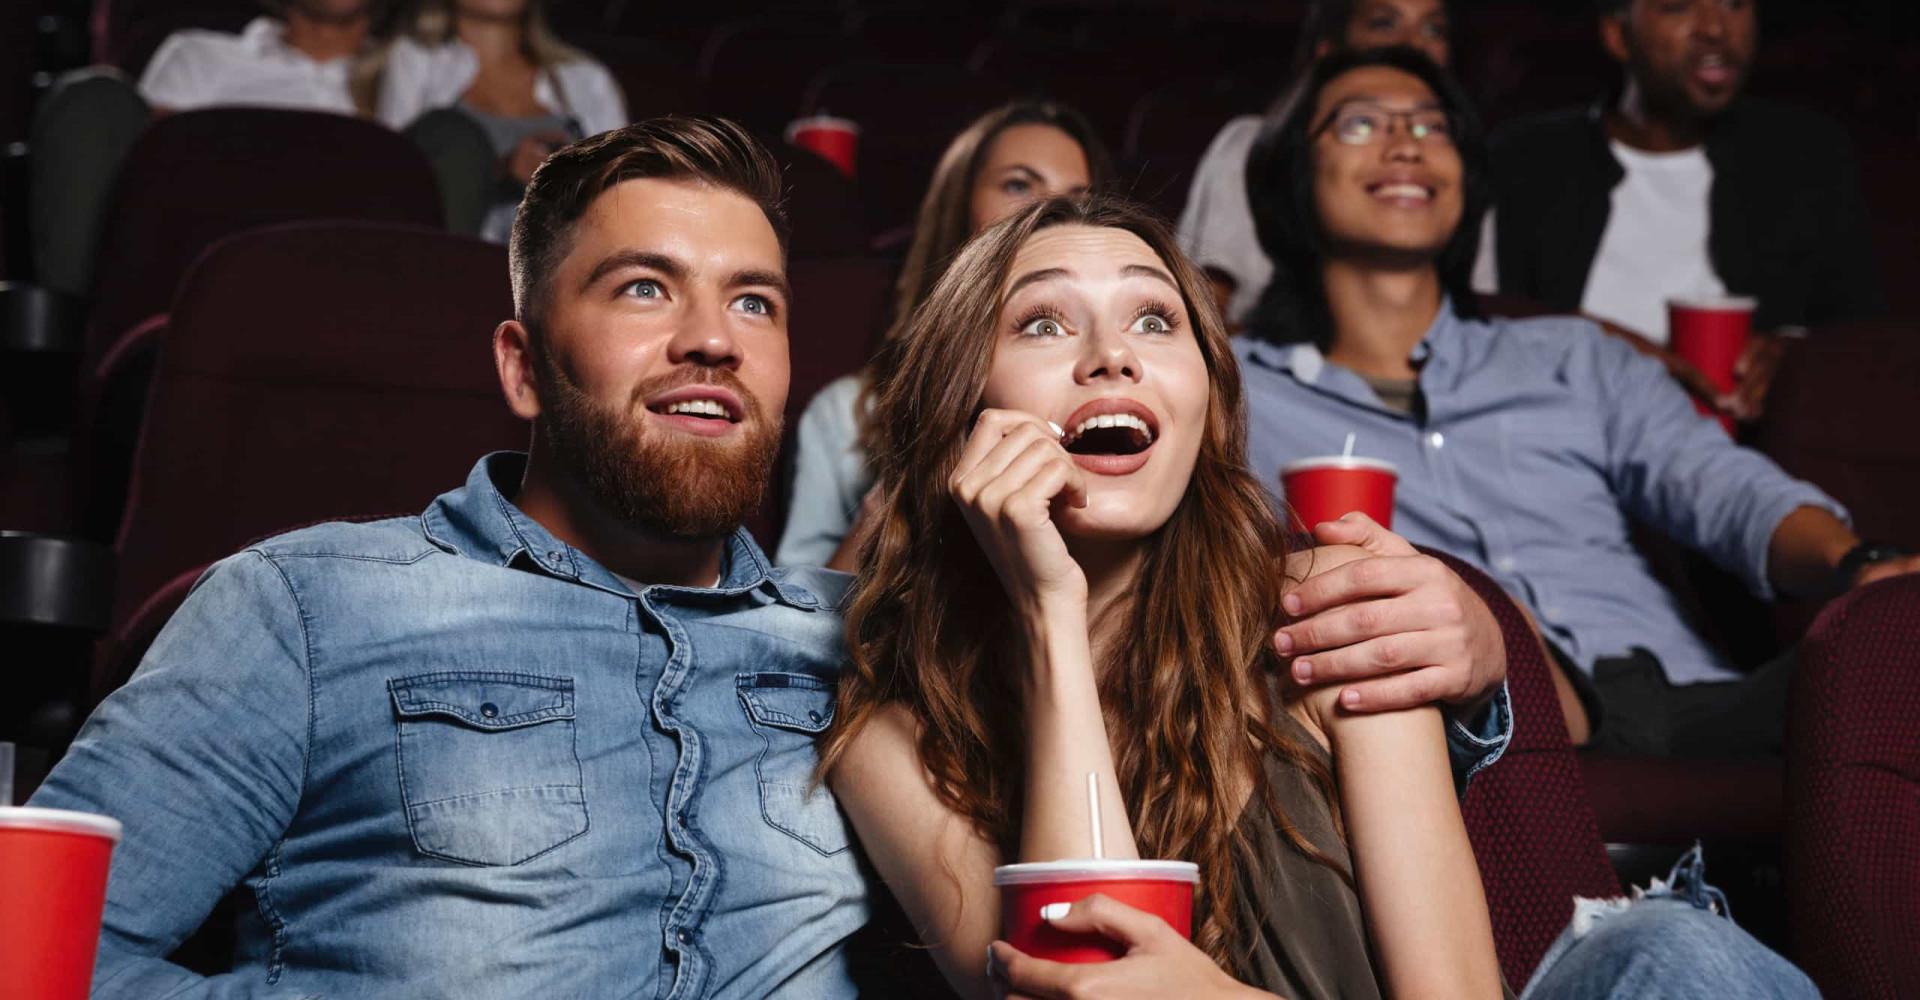 Wat is het beste filmgenre voor een eerste date?